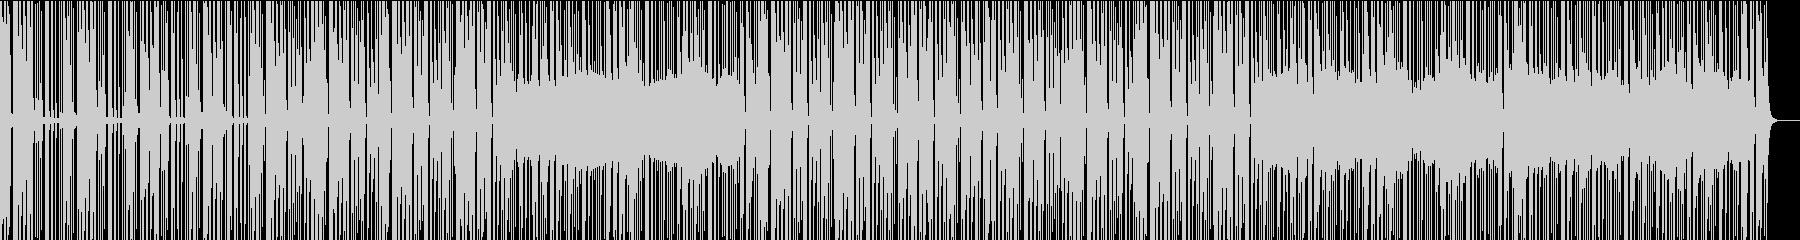 穏やかな青空を感じる電子音楽の未再生の波形